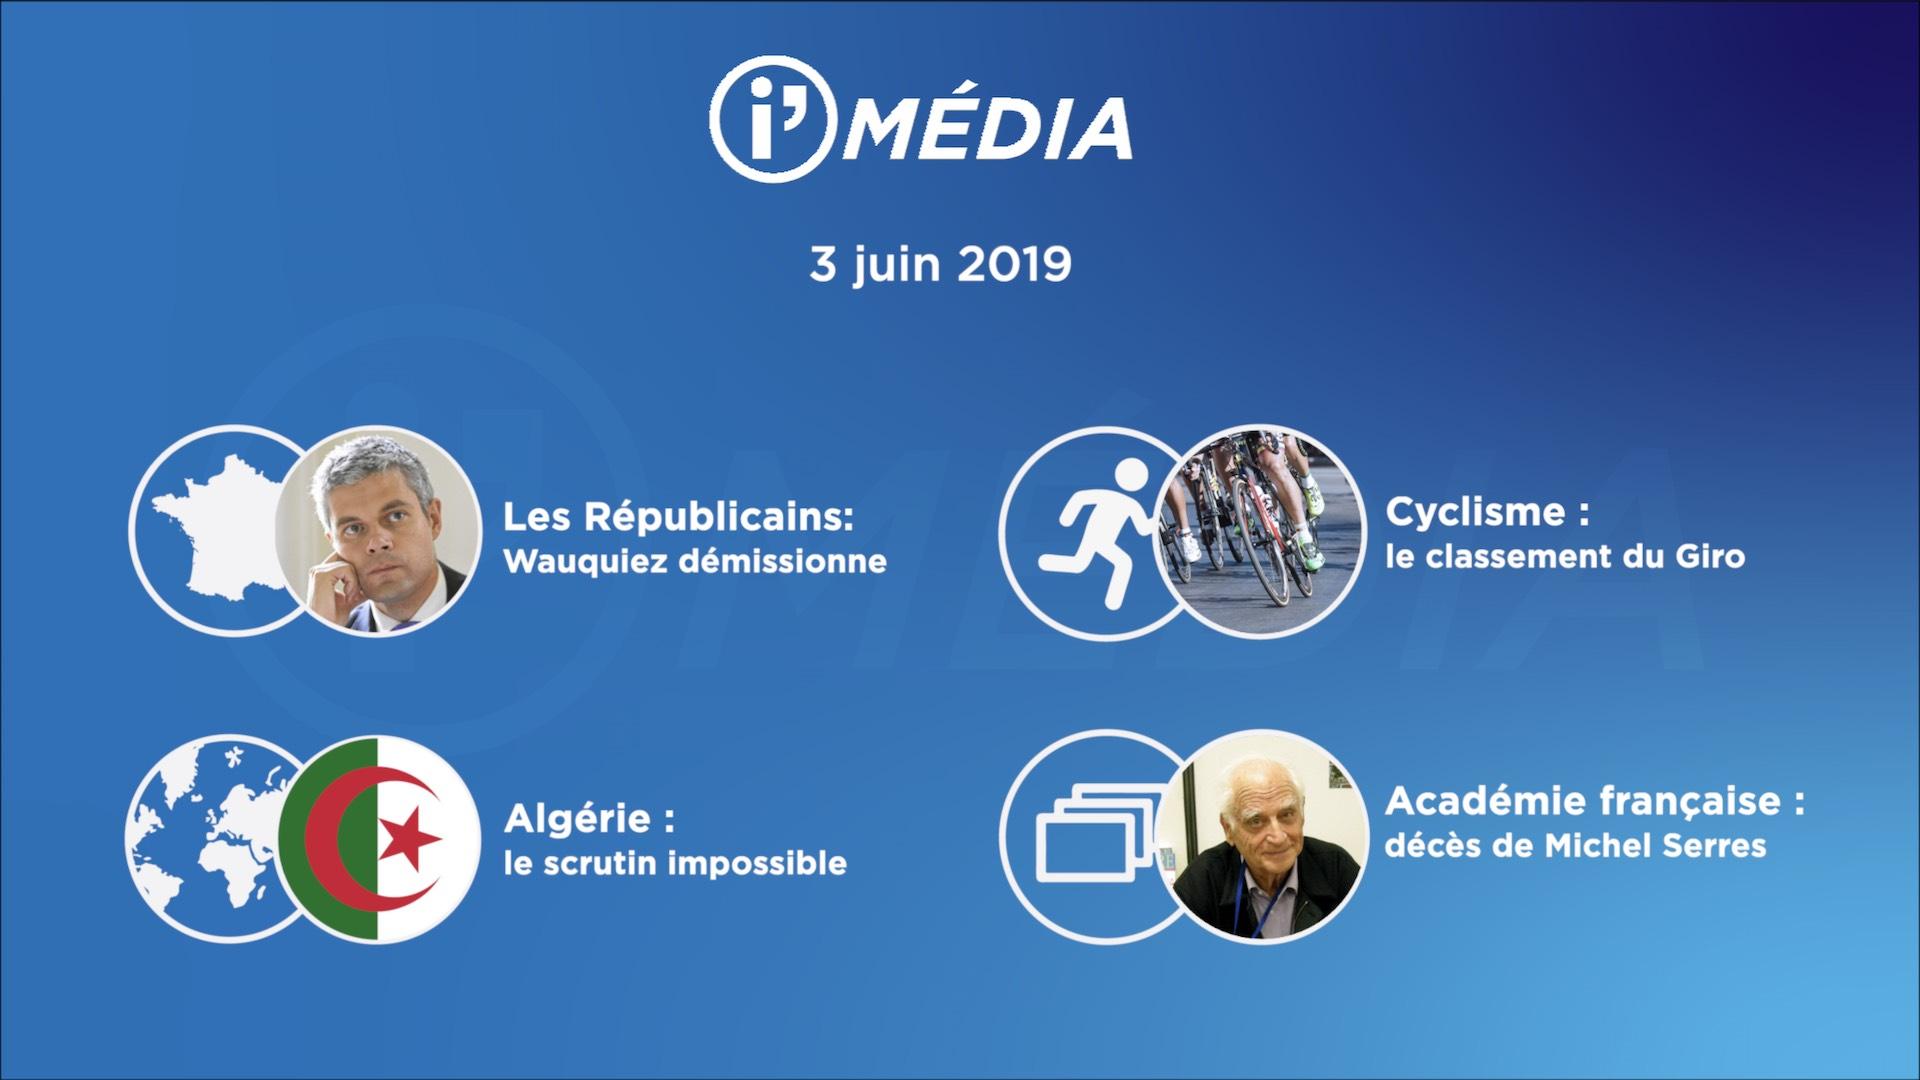 I'média 3 juin 2019